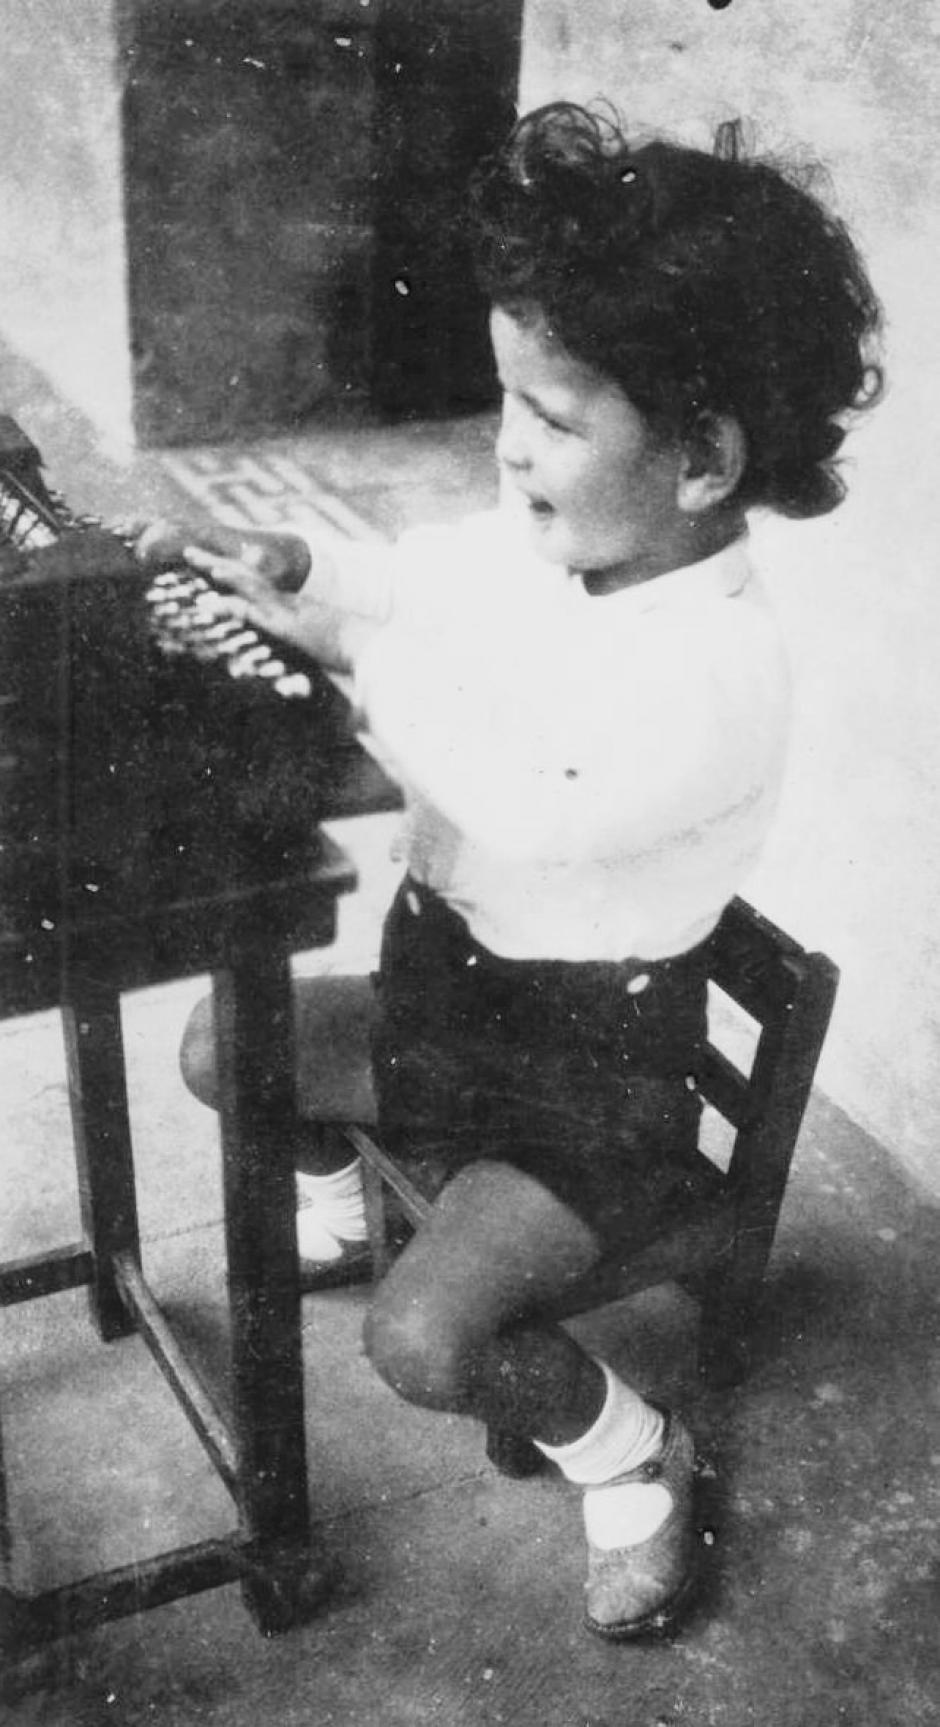 A los 5 años Recinos ya era un gran dibujante. (Foto: Wikipedia)